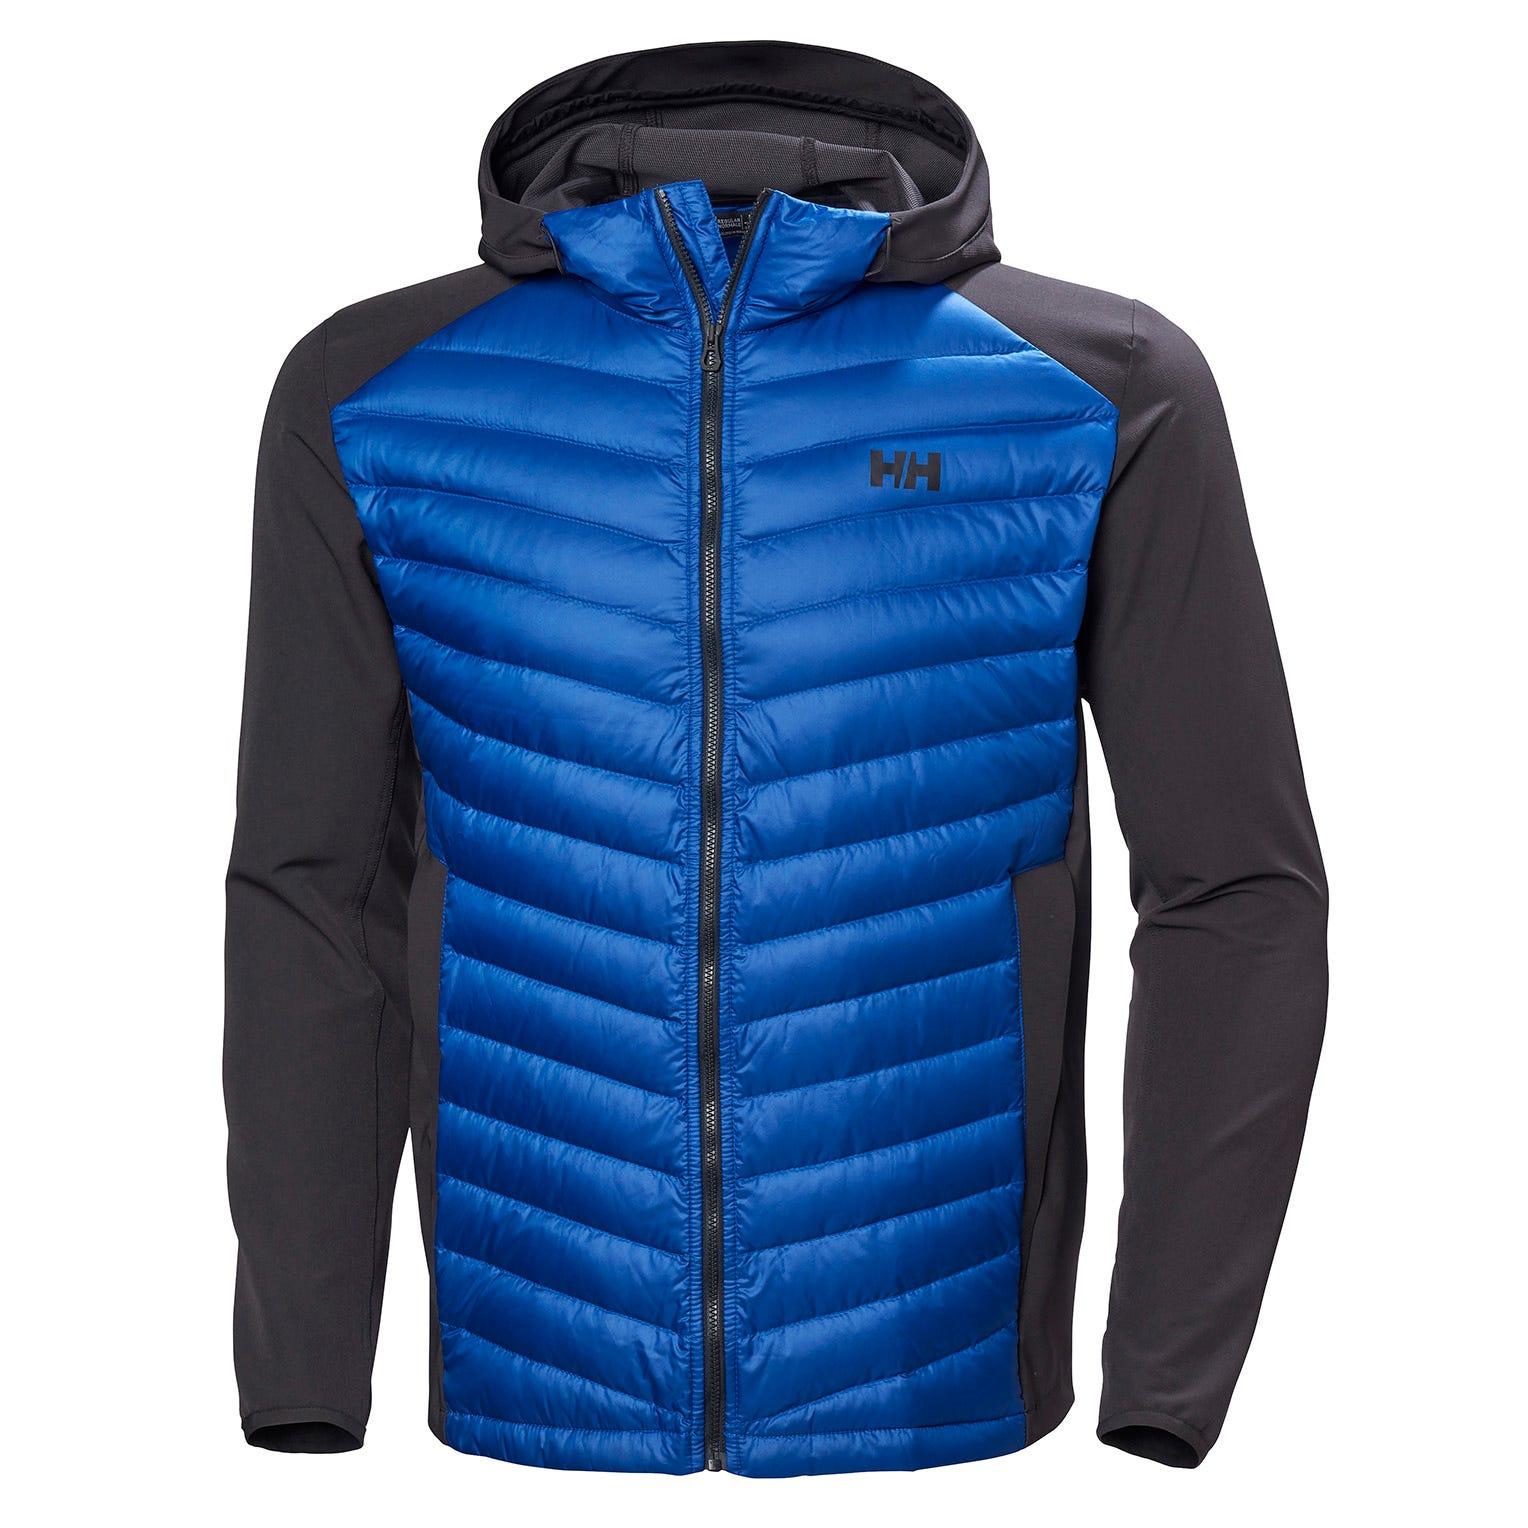 Helly Hansen Verglas Light Jacket Mens Hiking Blue L